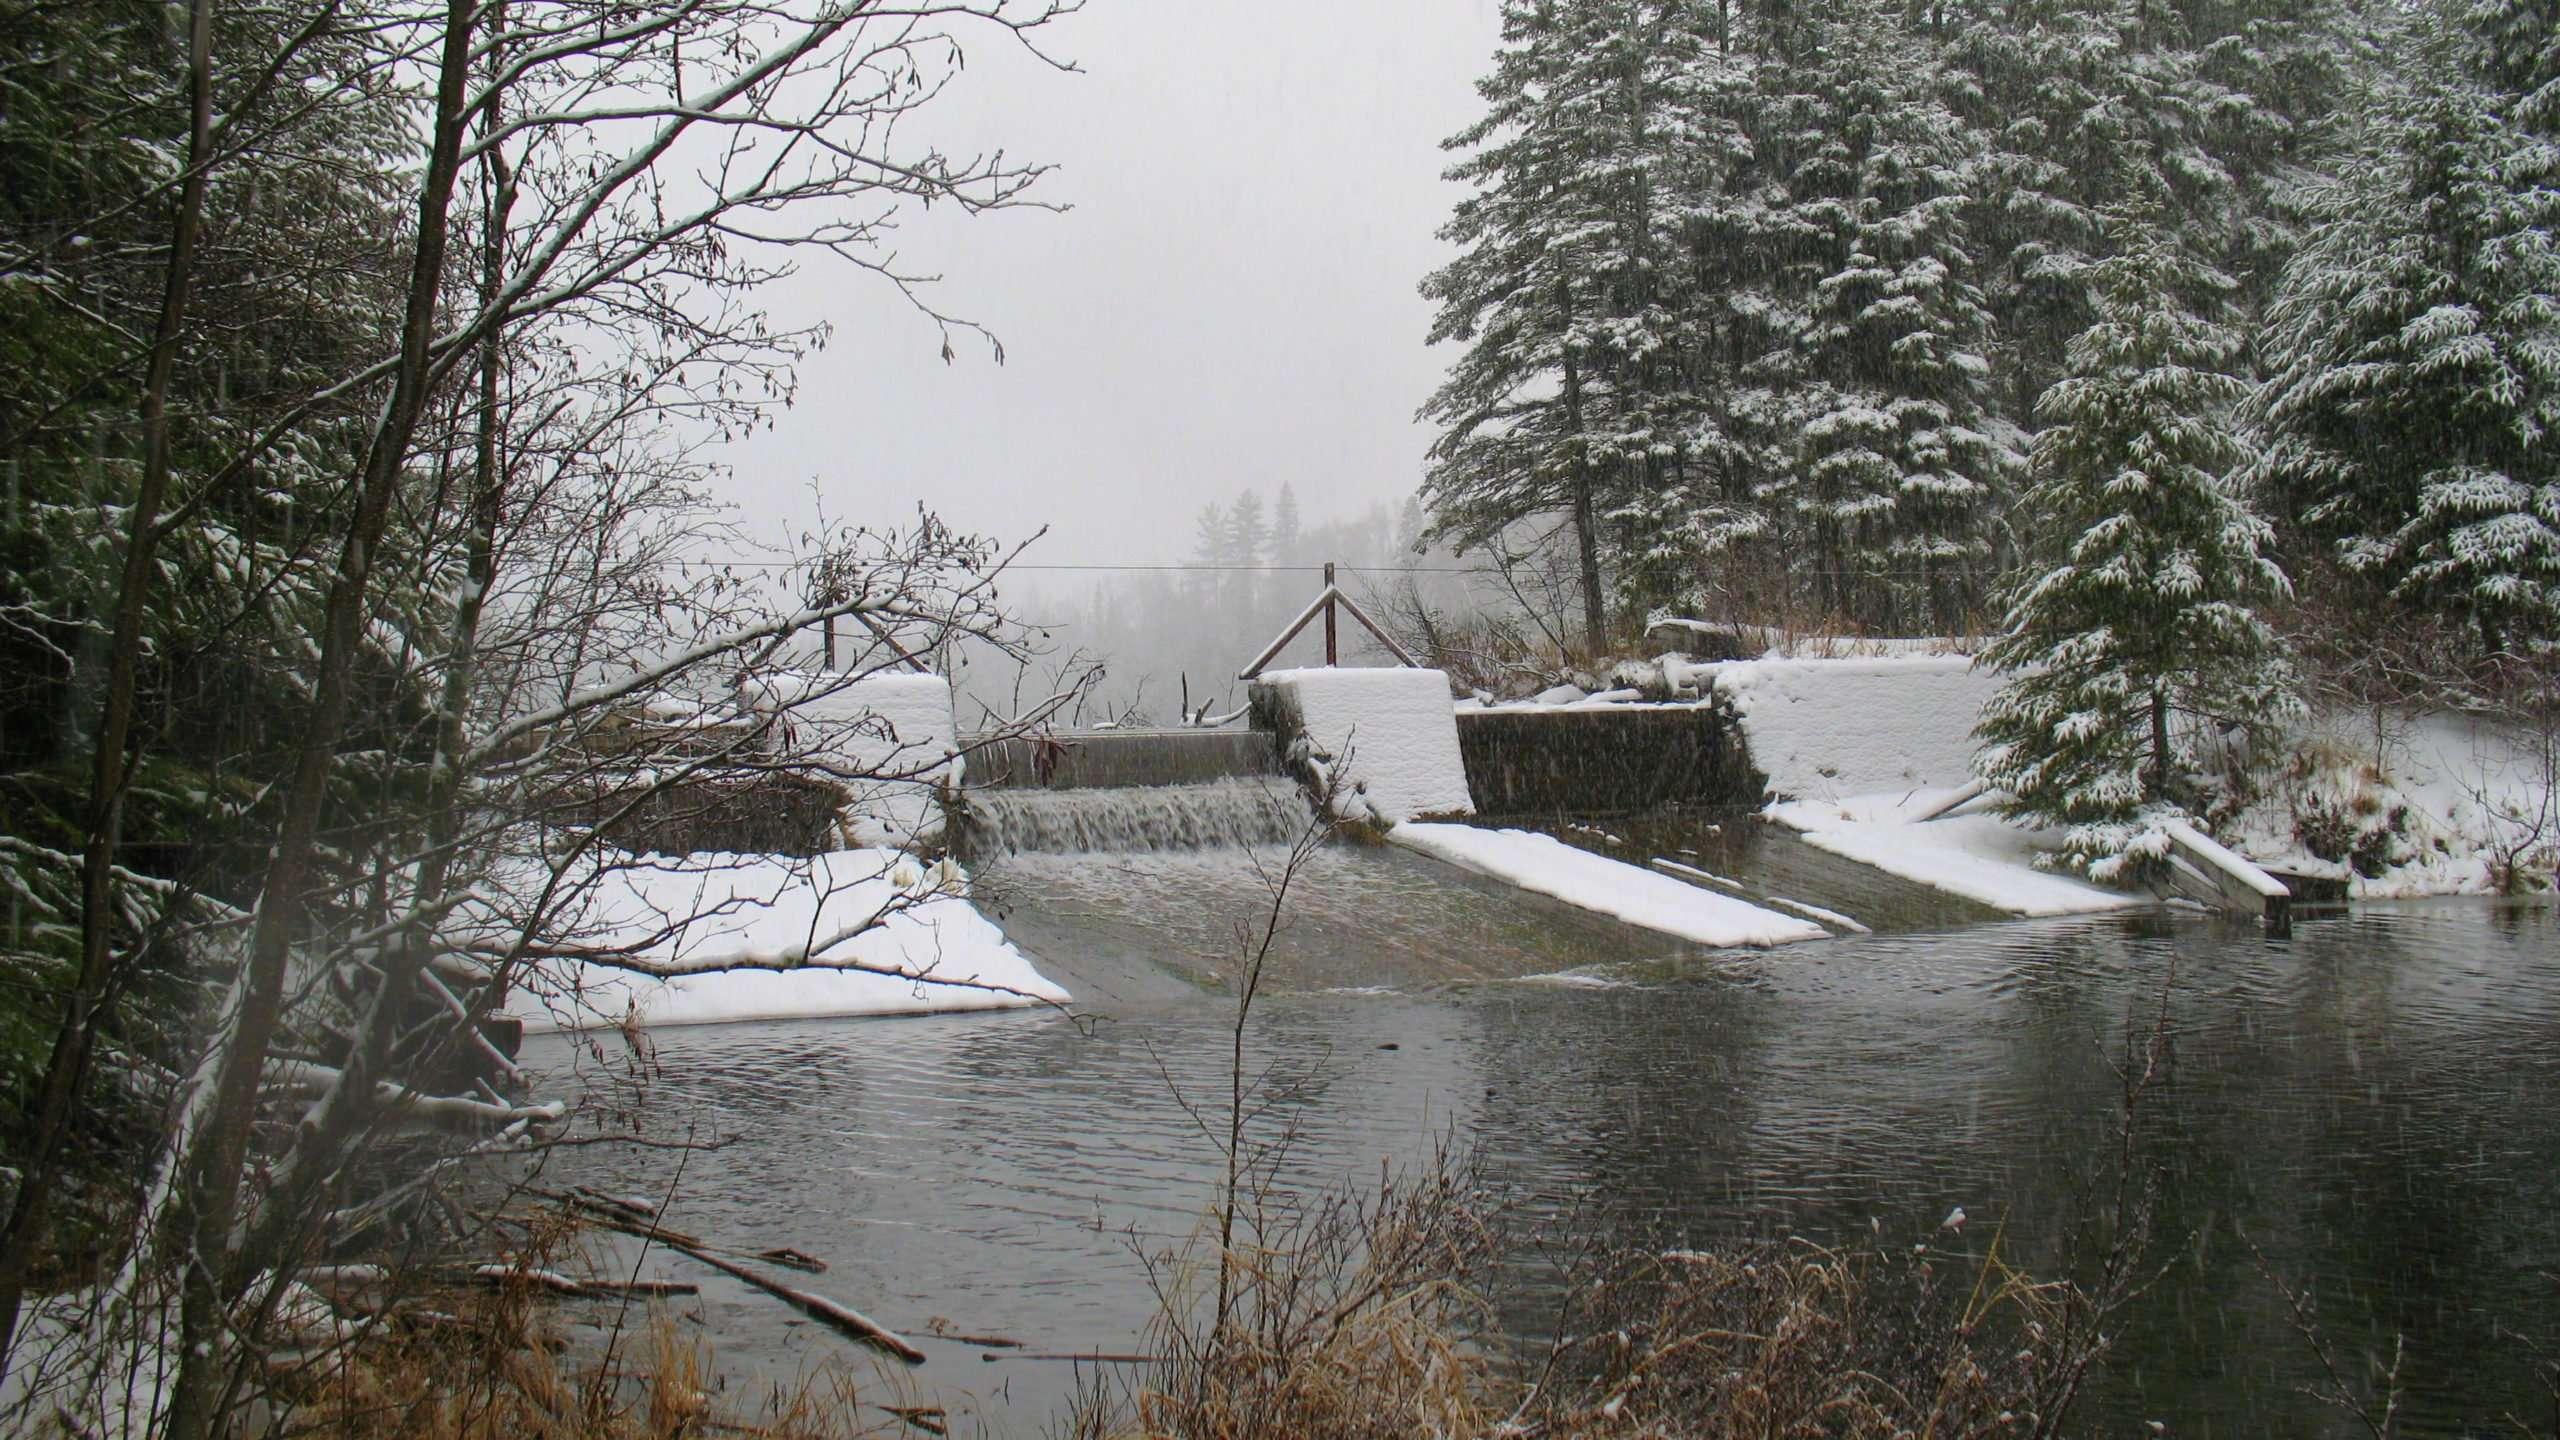 Loch Lomond Dam